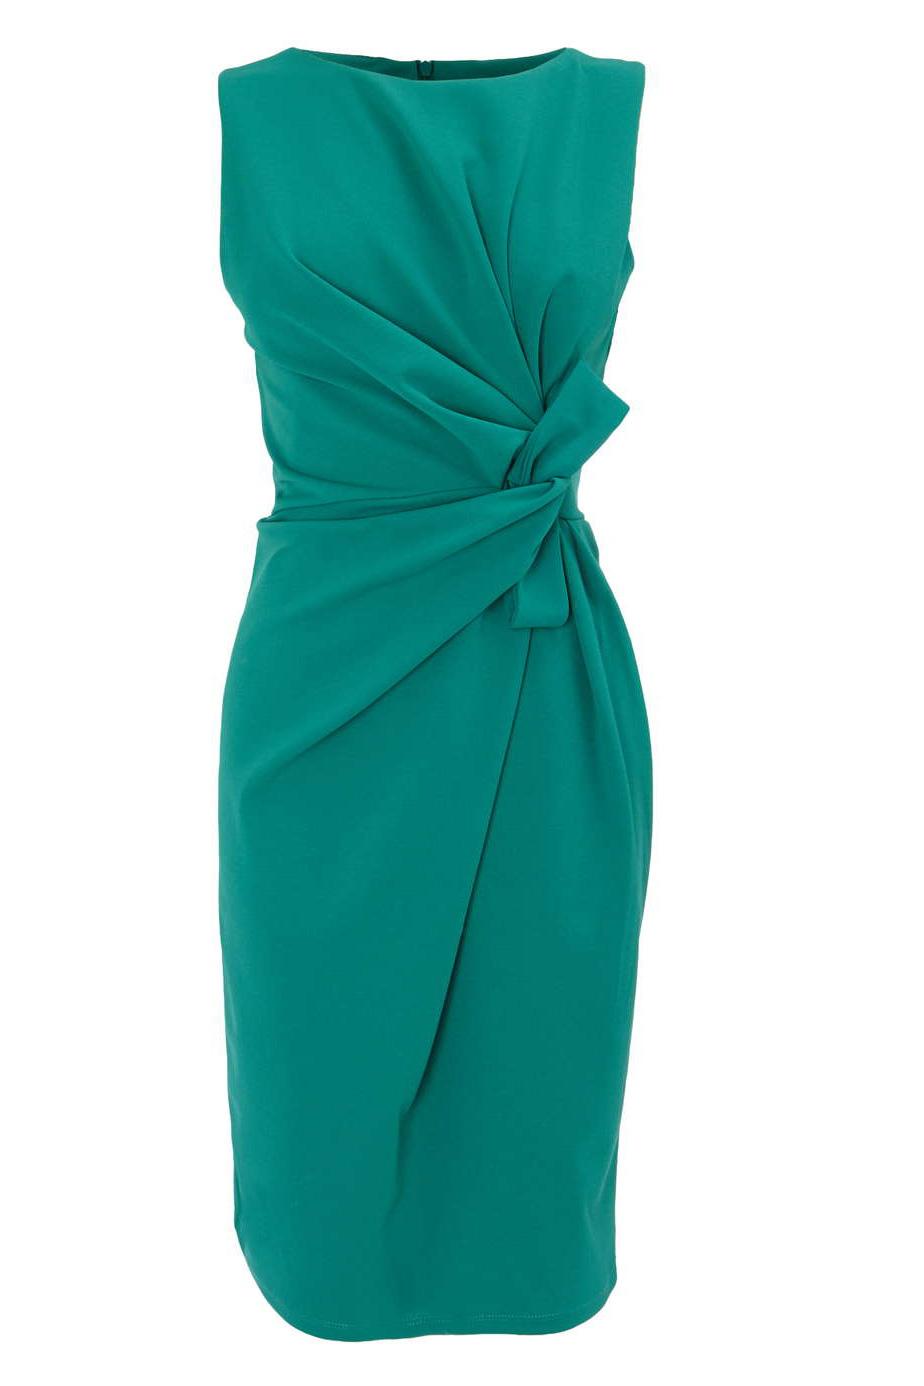 d5d930963cf54 tummy trimming dresses